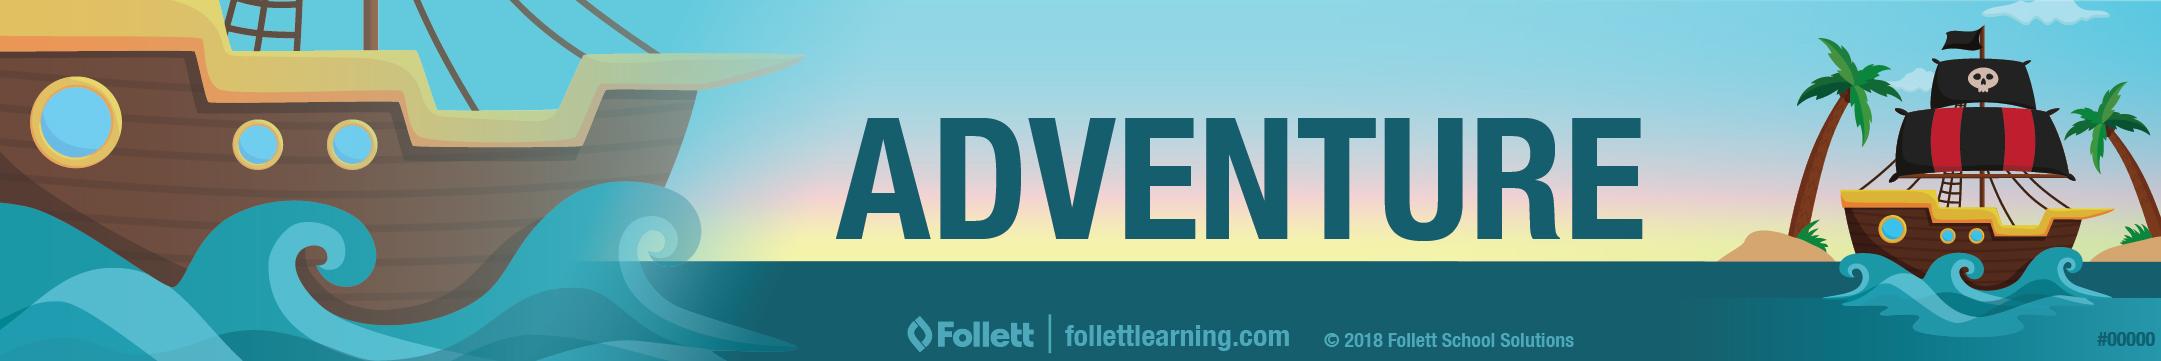 219672_Adventure Elem (Pirate Ship) shelf color bg v02_Artboard 2.jpg